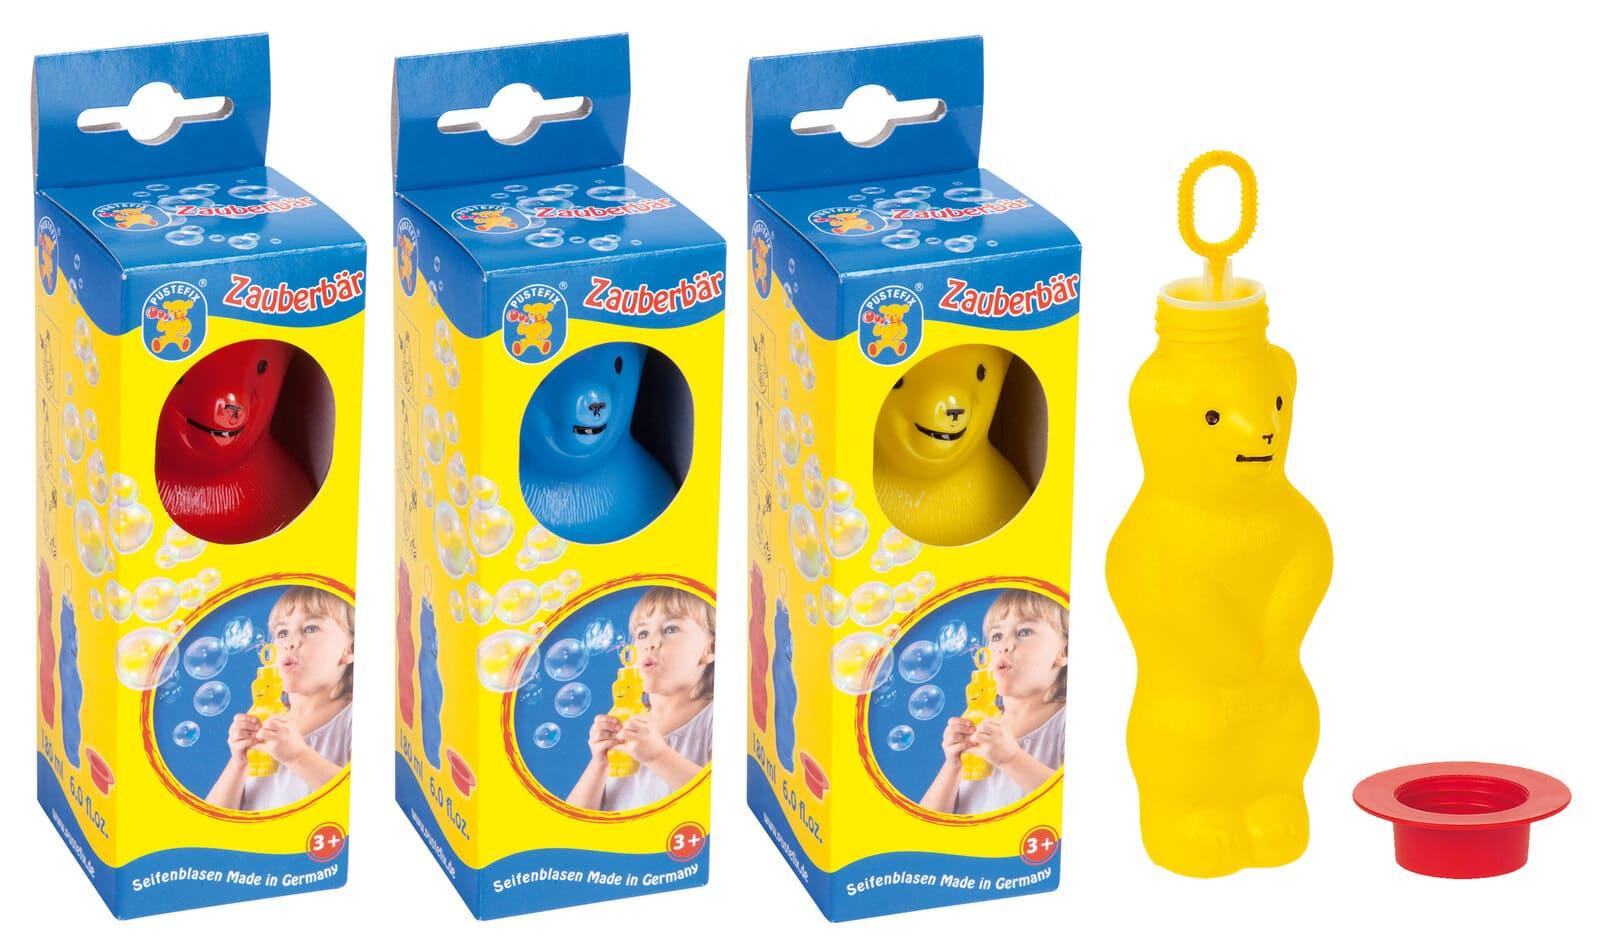 誕生日プレゼント スーパーセール 10%以上オフ 新作通販 対象3歳以上 シャボン玉 世界中のシャボン玉アーティストが使うシャボン玉 乳幼児おもちゃ セール プステフィックス クマのシャボン玉